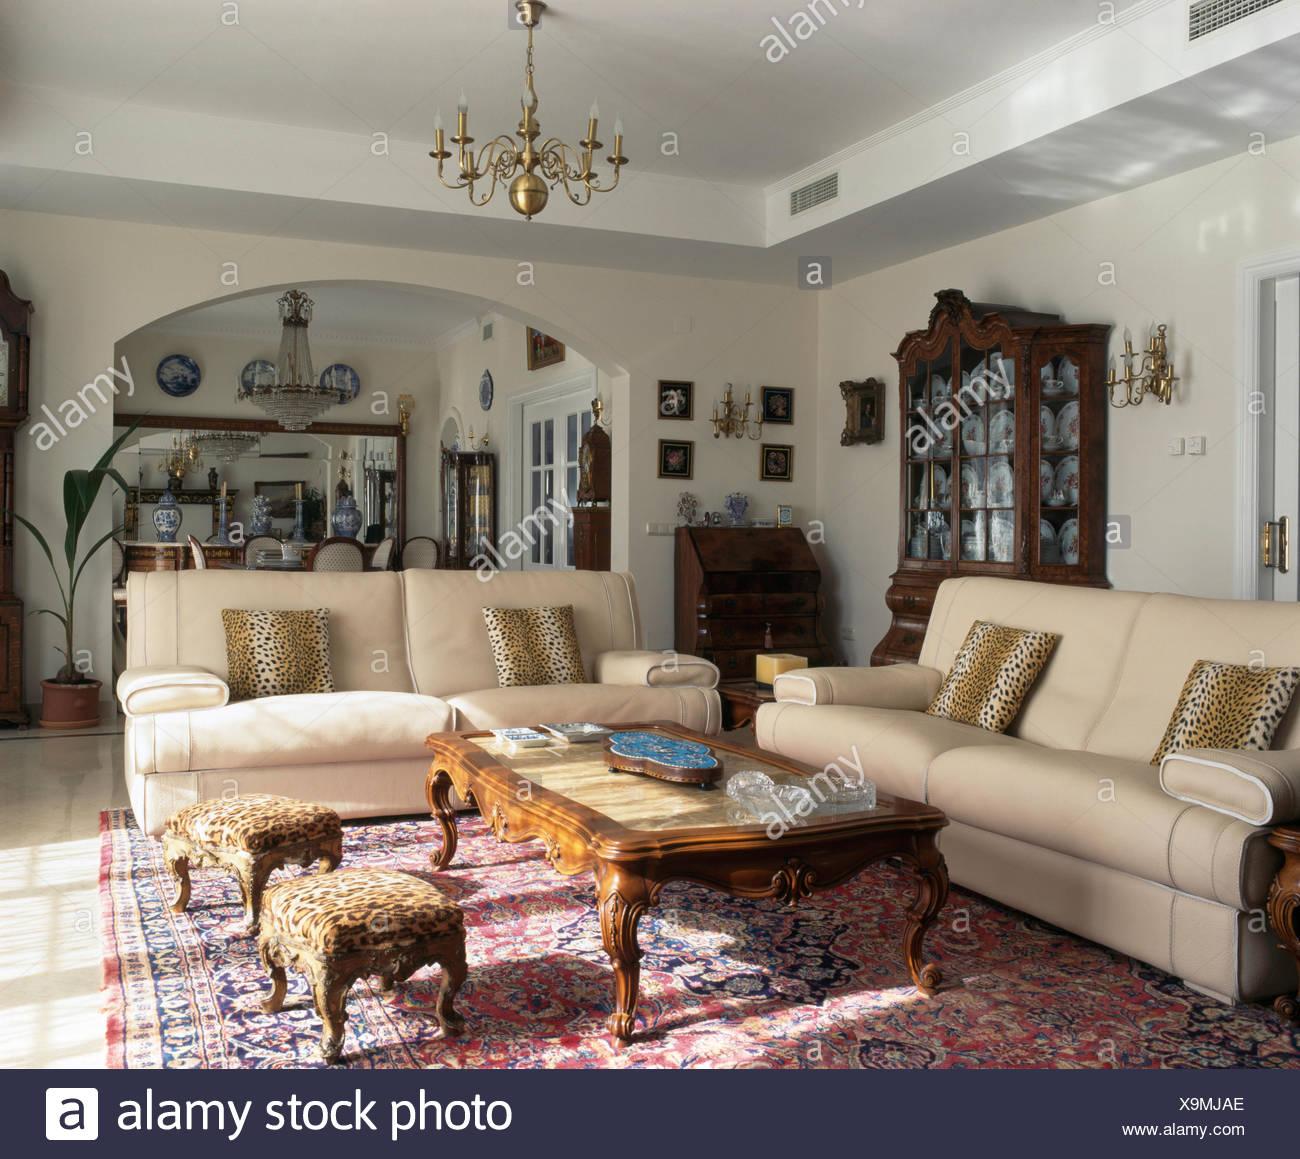 Divani color crema e leopard print cuscini e sgabelli in spagnolo ...